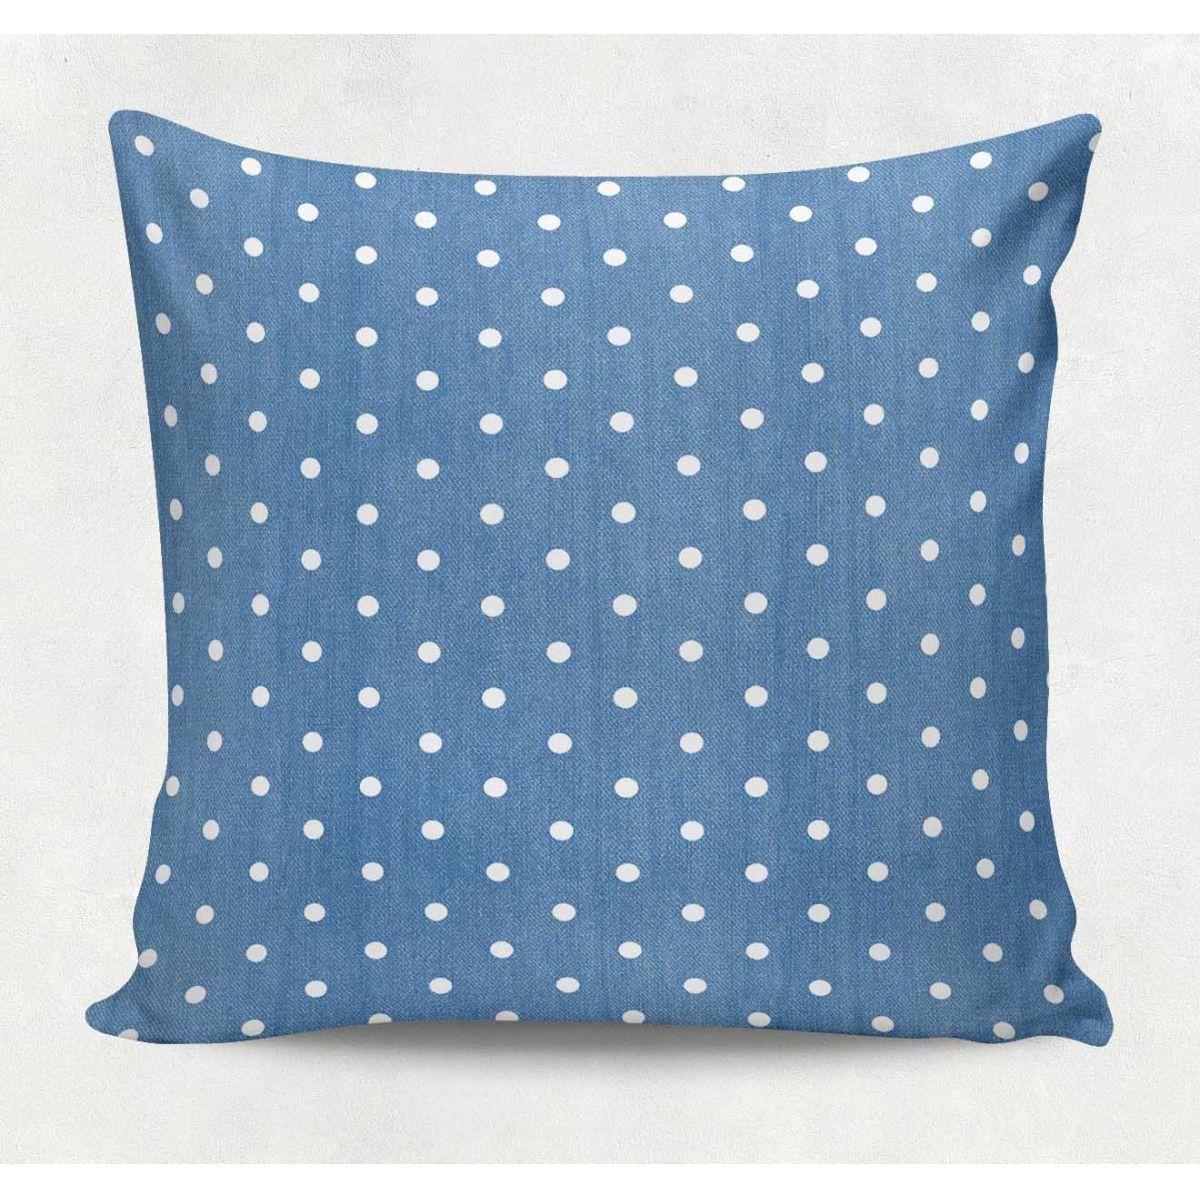 Almofada decorativa em tecido estampado - POÁS – 45cm X 45cm Decorsoft - Almofadas com estampas lindas. Aqui você encontra! Acompanhe a DecorSoft nas redes sociais e não perca nossas promoções de lançamento! www.facebook.com/... www.instagram.com... @decor_soft #decorsoft #decor #almofadas #decoração #adorable